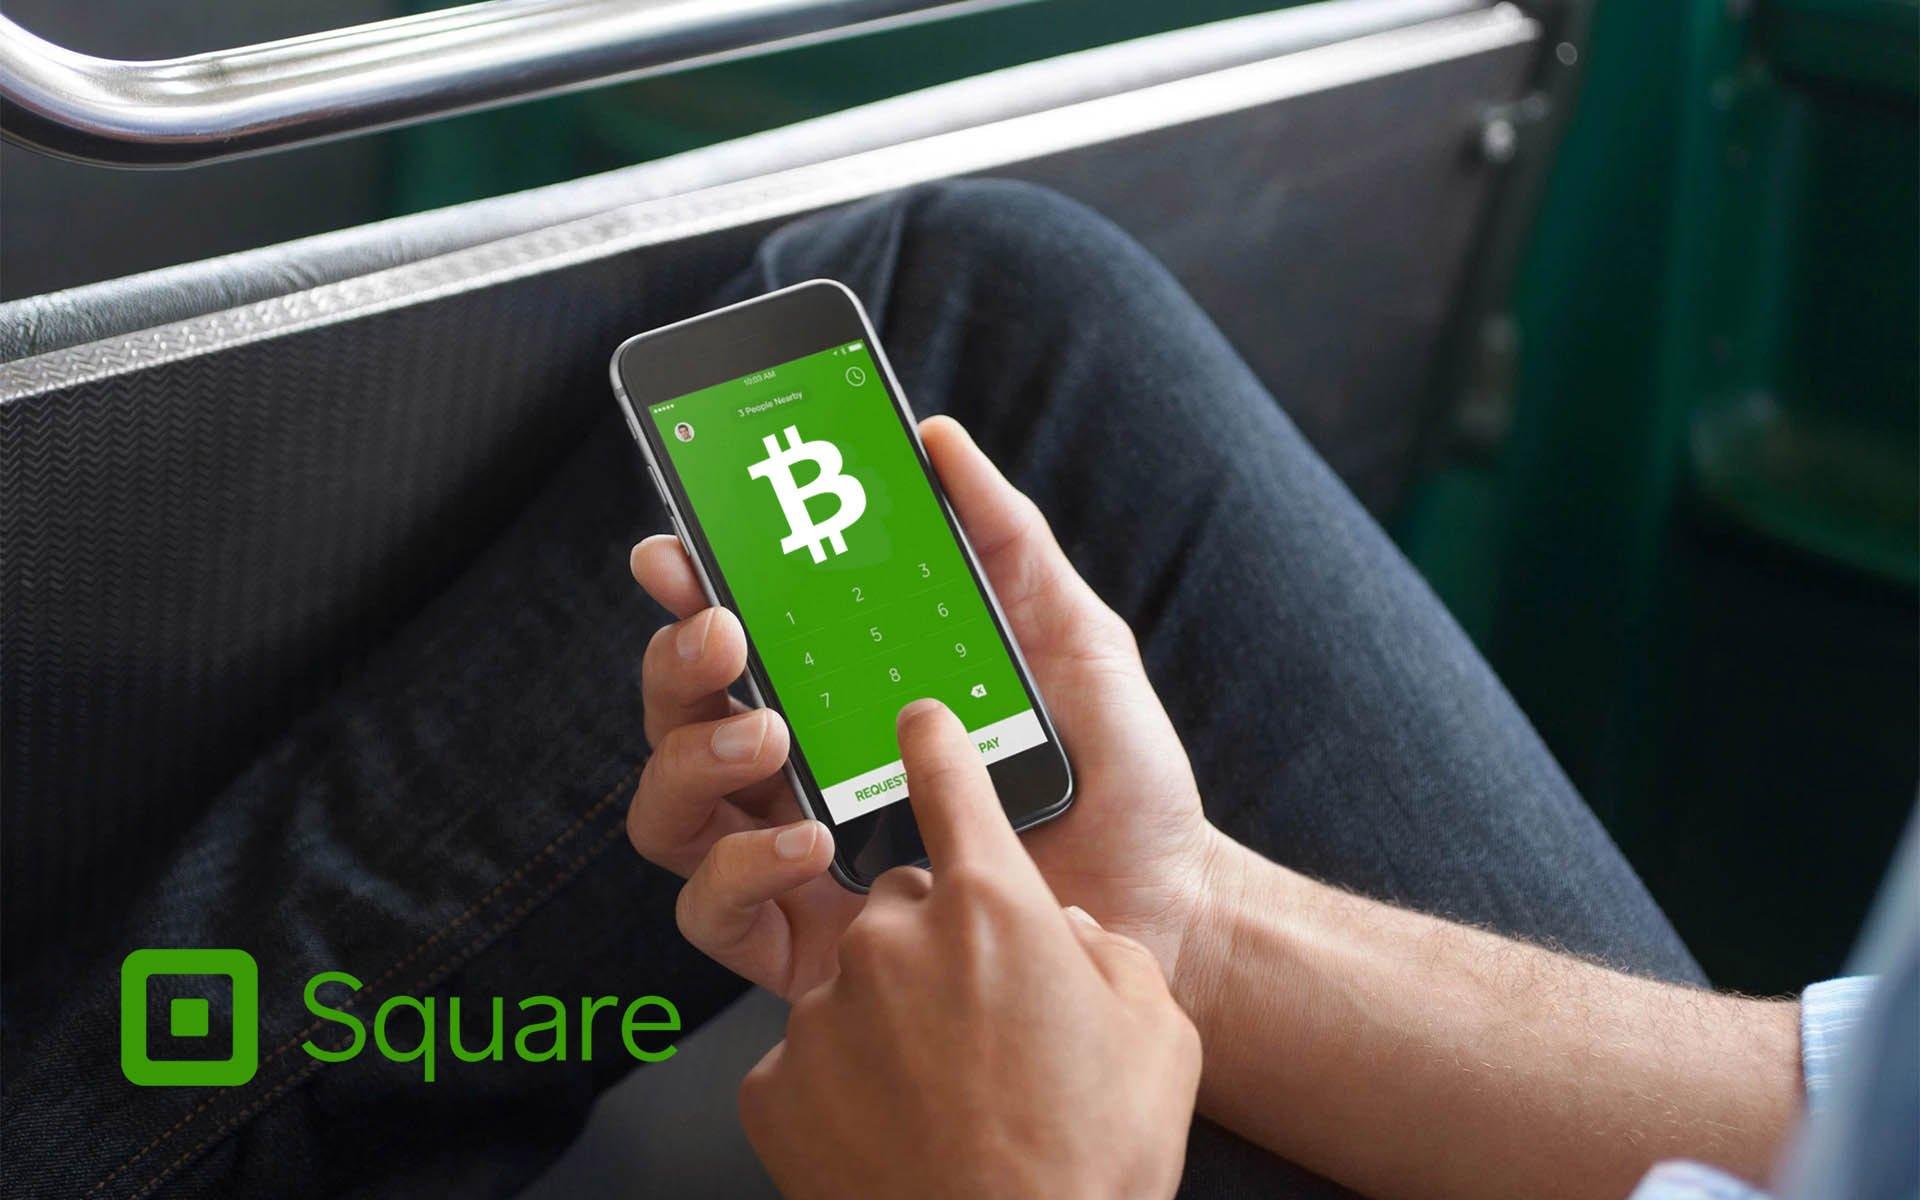 Square Aracılığıyla İlk Kez Bitcoin Alanların Sayısı İki Katına Çıktı